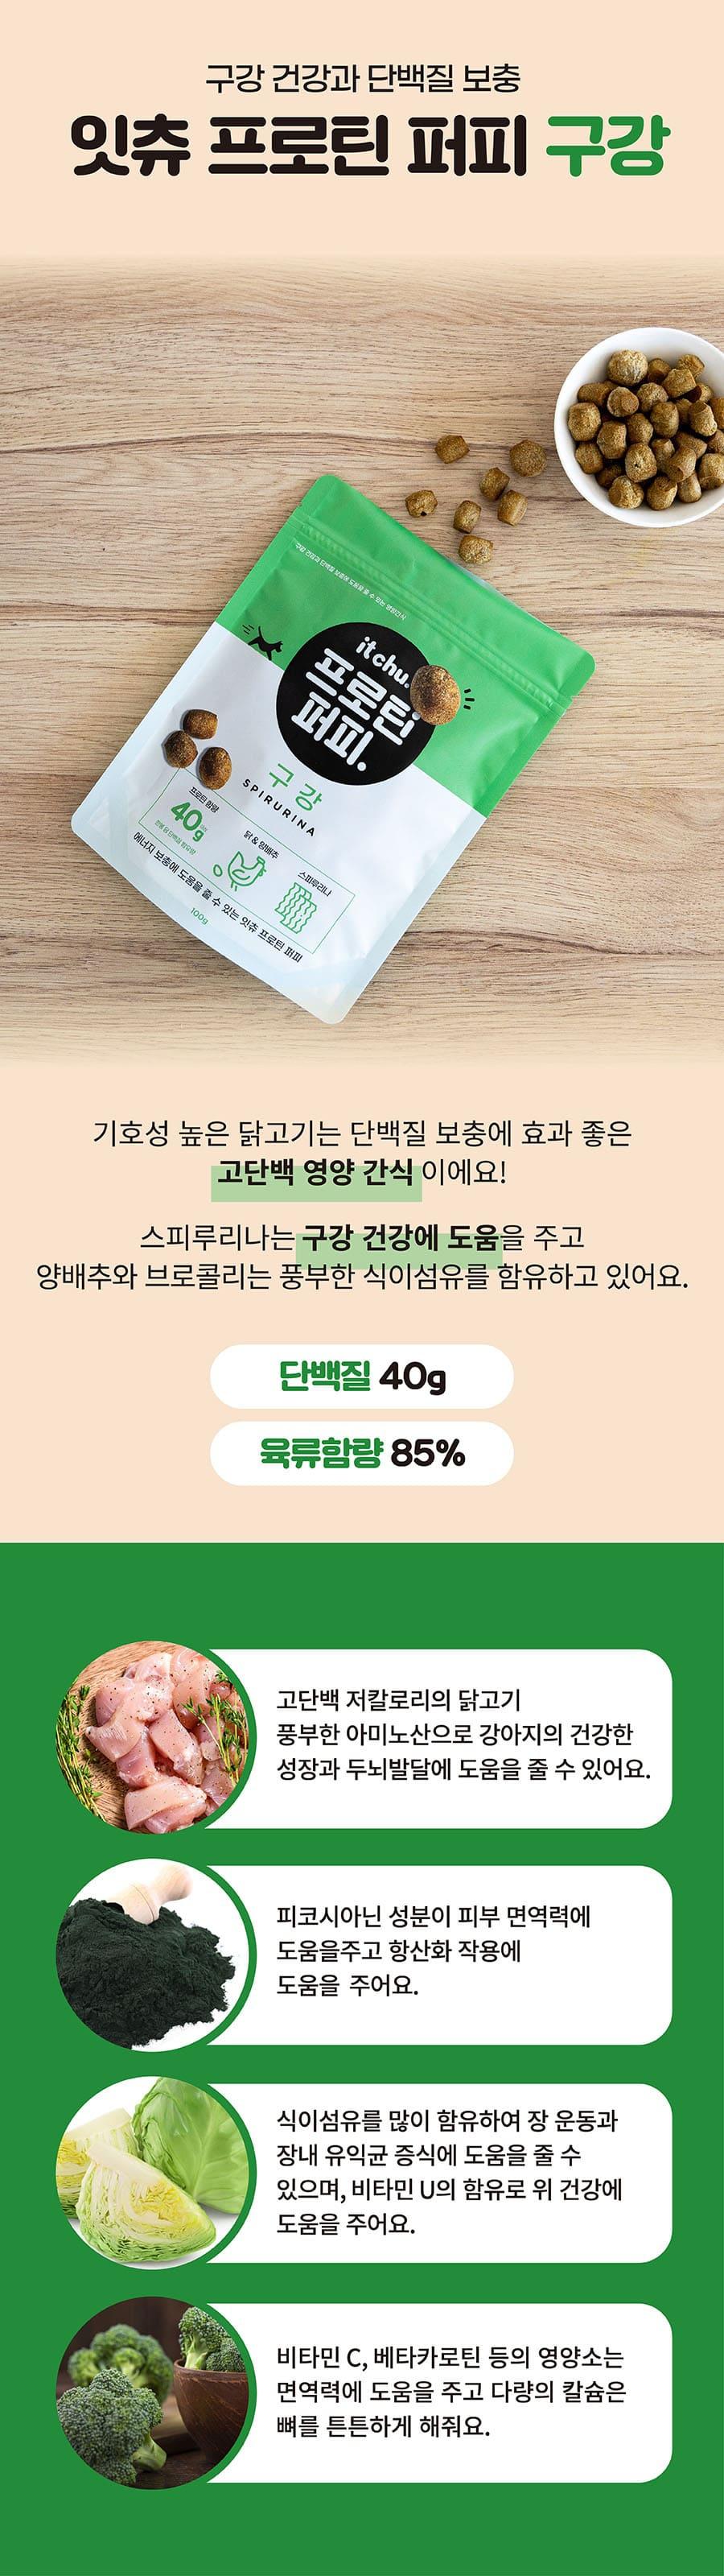 it 잇츄 프로틴 퍼피 (피모/구강/면역)-상품이미지-23